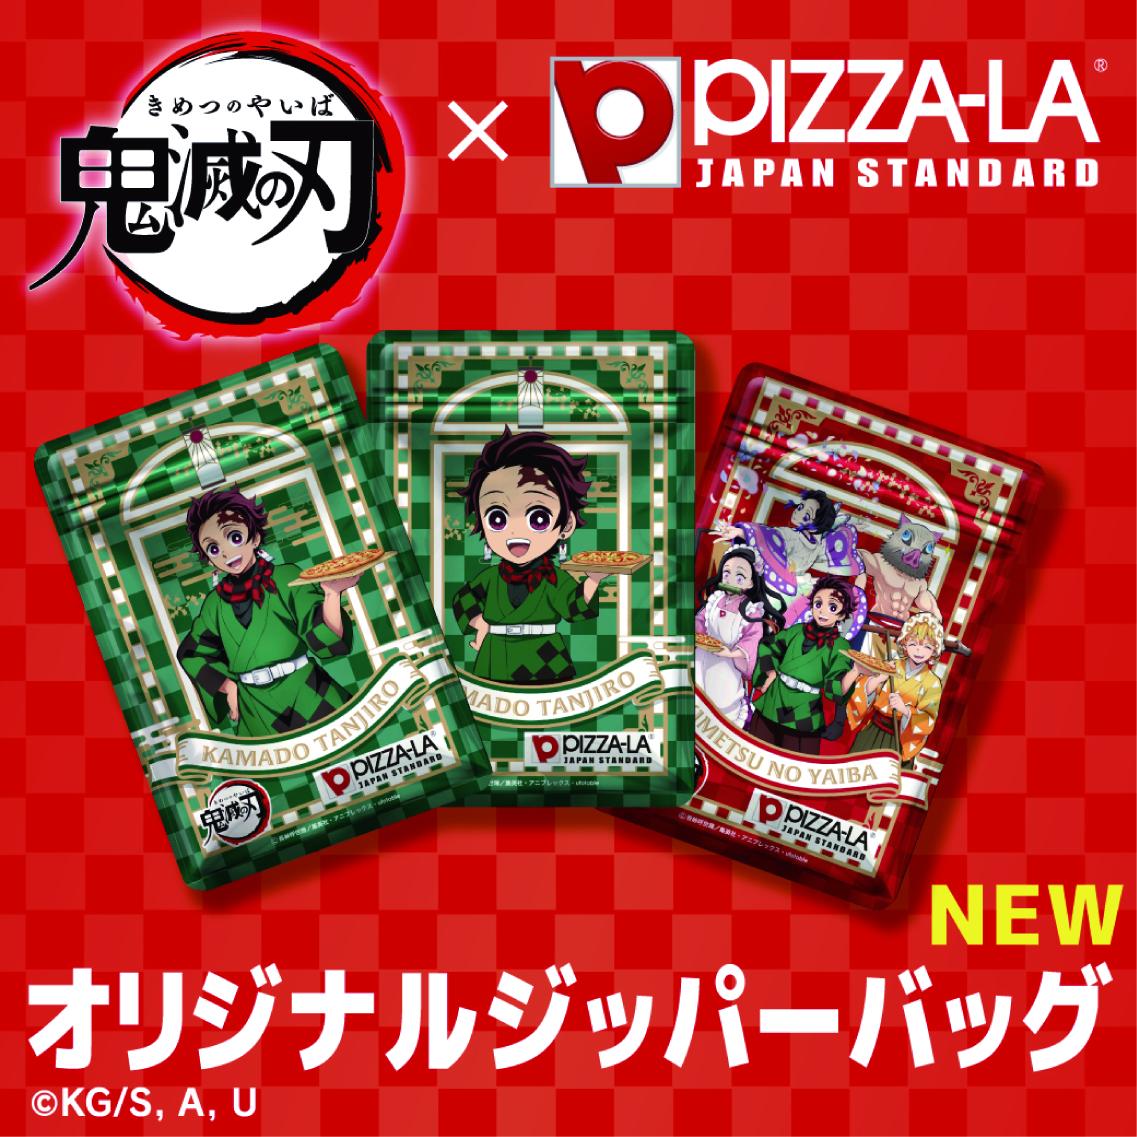 「鬼滅×ピザーラ」お好きなピザにプラス220円でオリジナルジッパーバッグが付属!